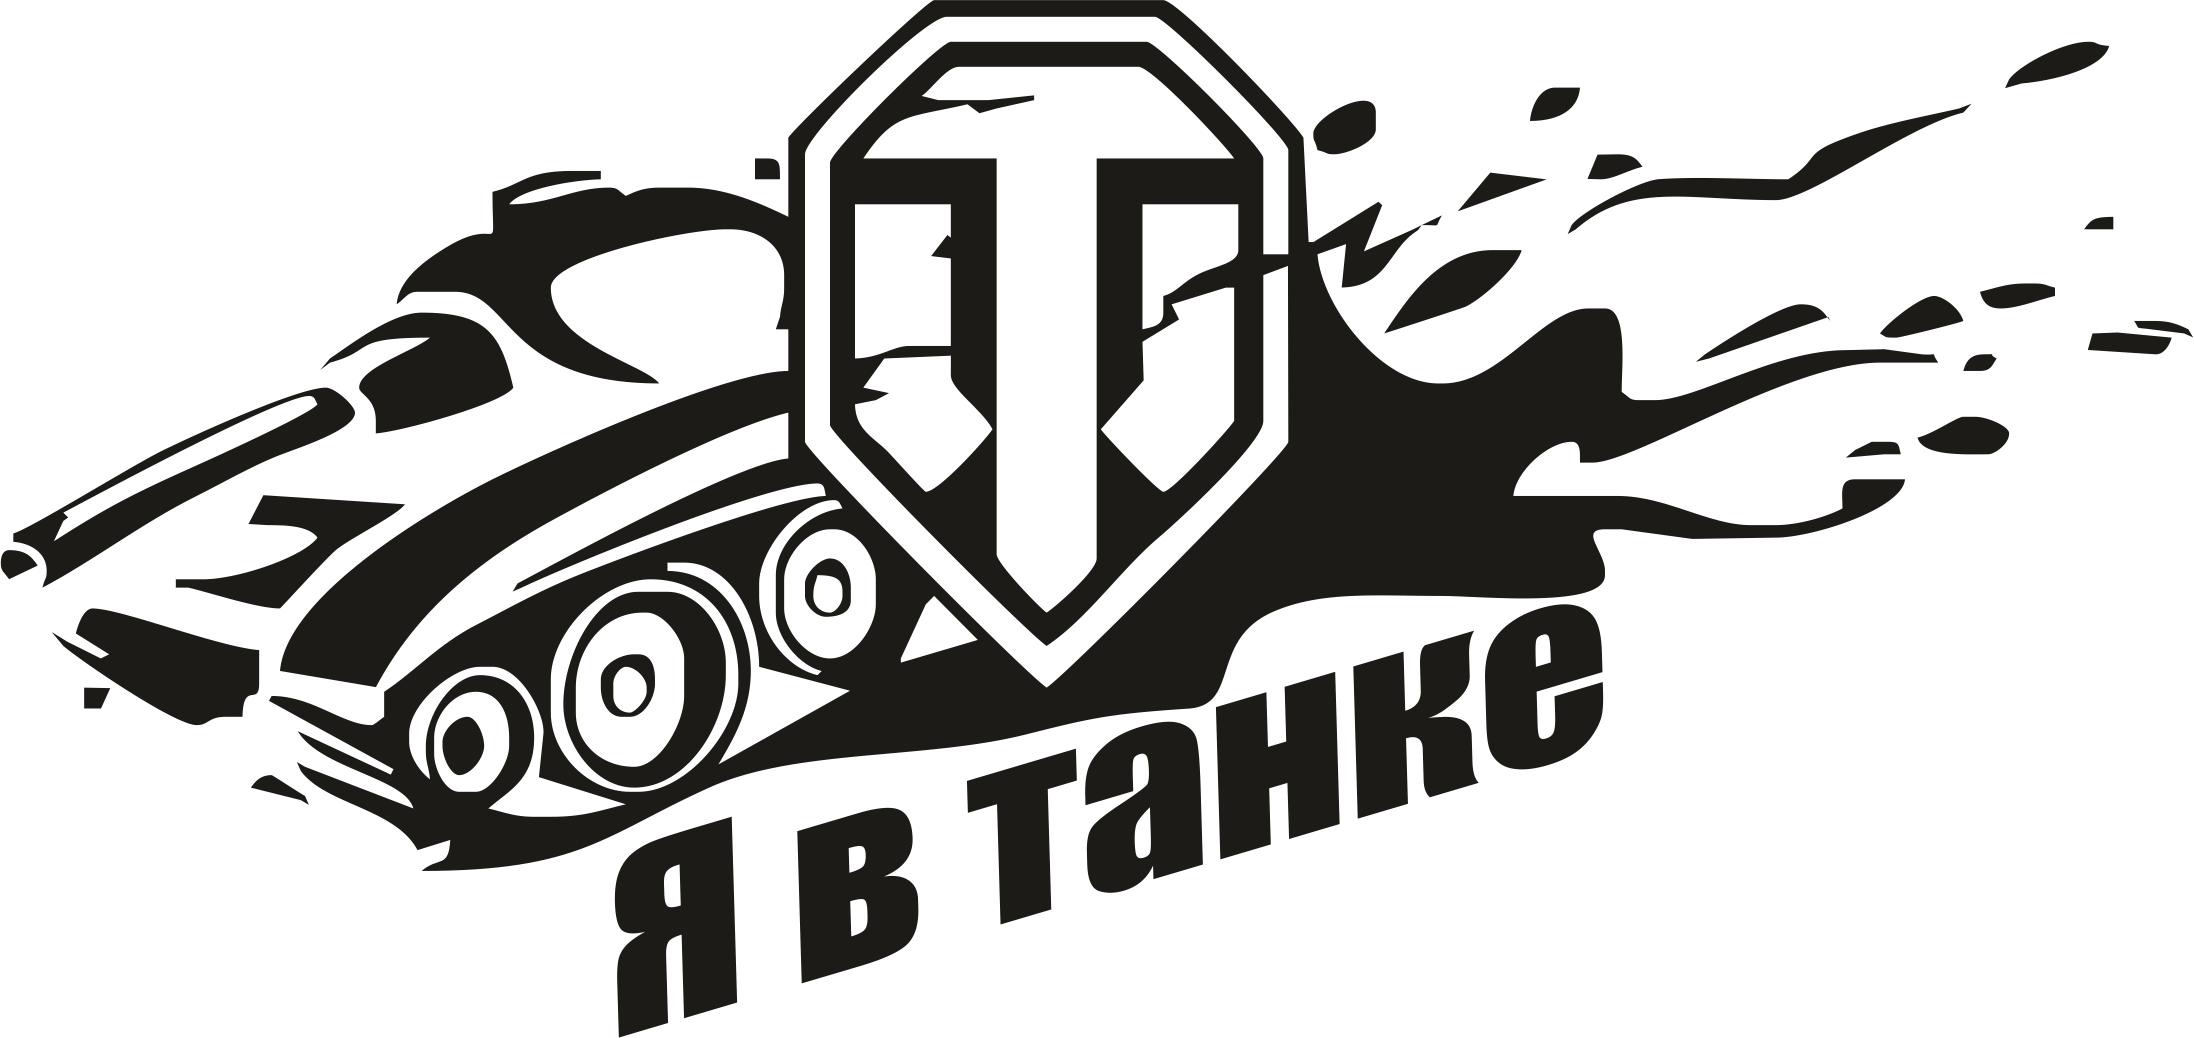 Ya V Tanke Wot File Free CDR Vectors Art